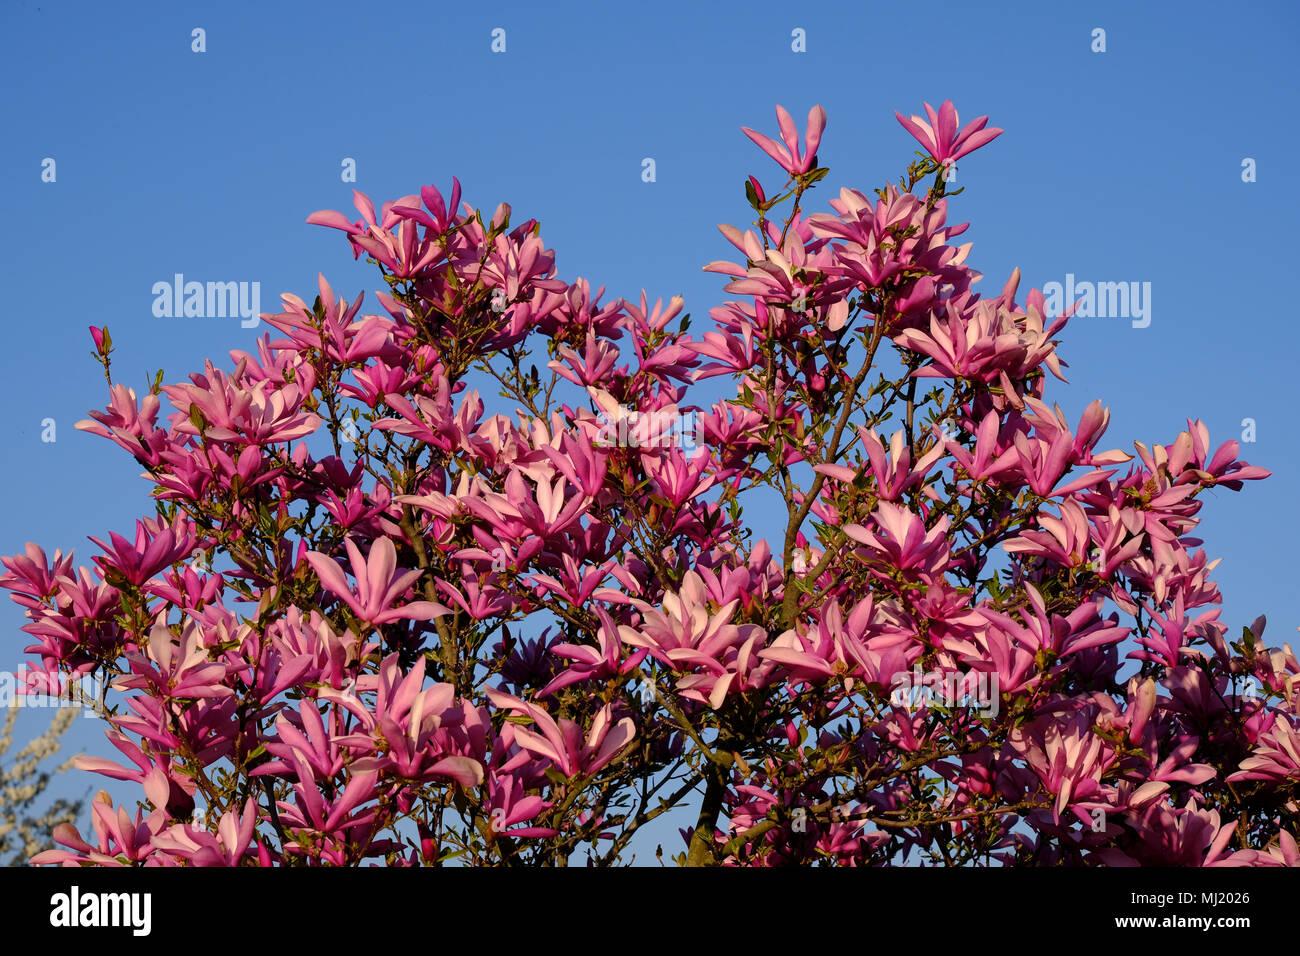 Mulan Magnolia Magnolia Liliiflora Flowering Magnolia Bush